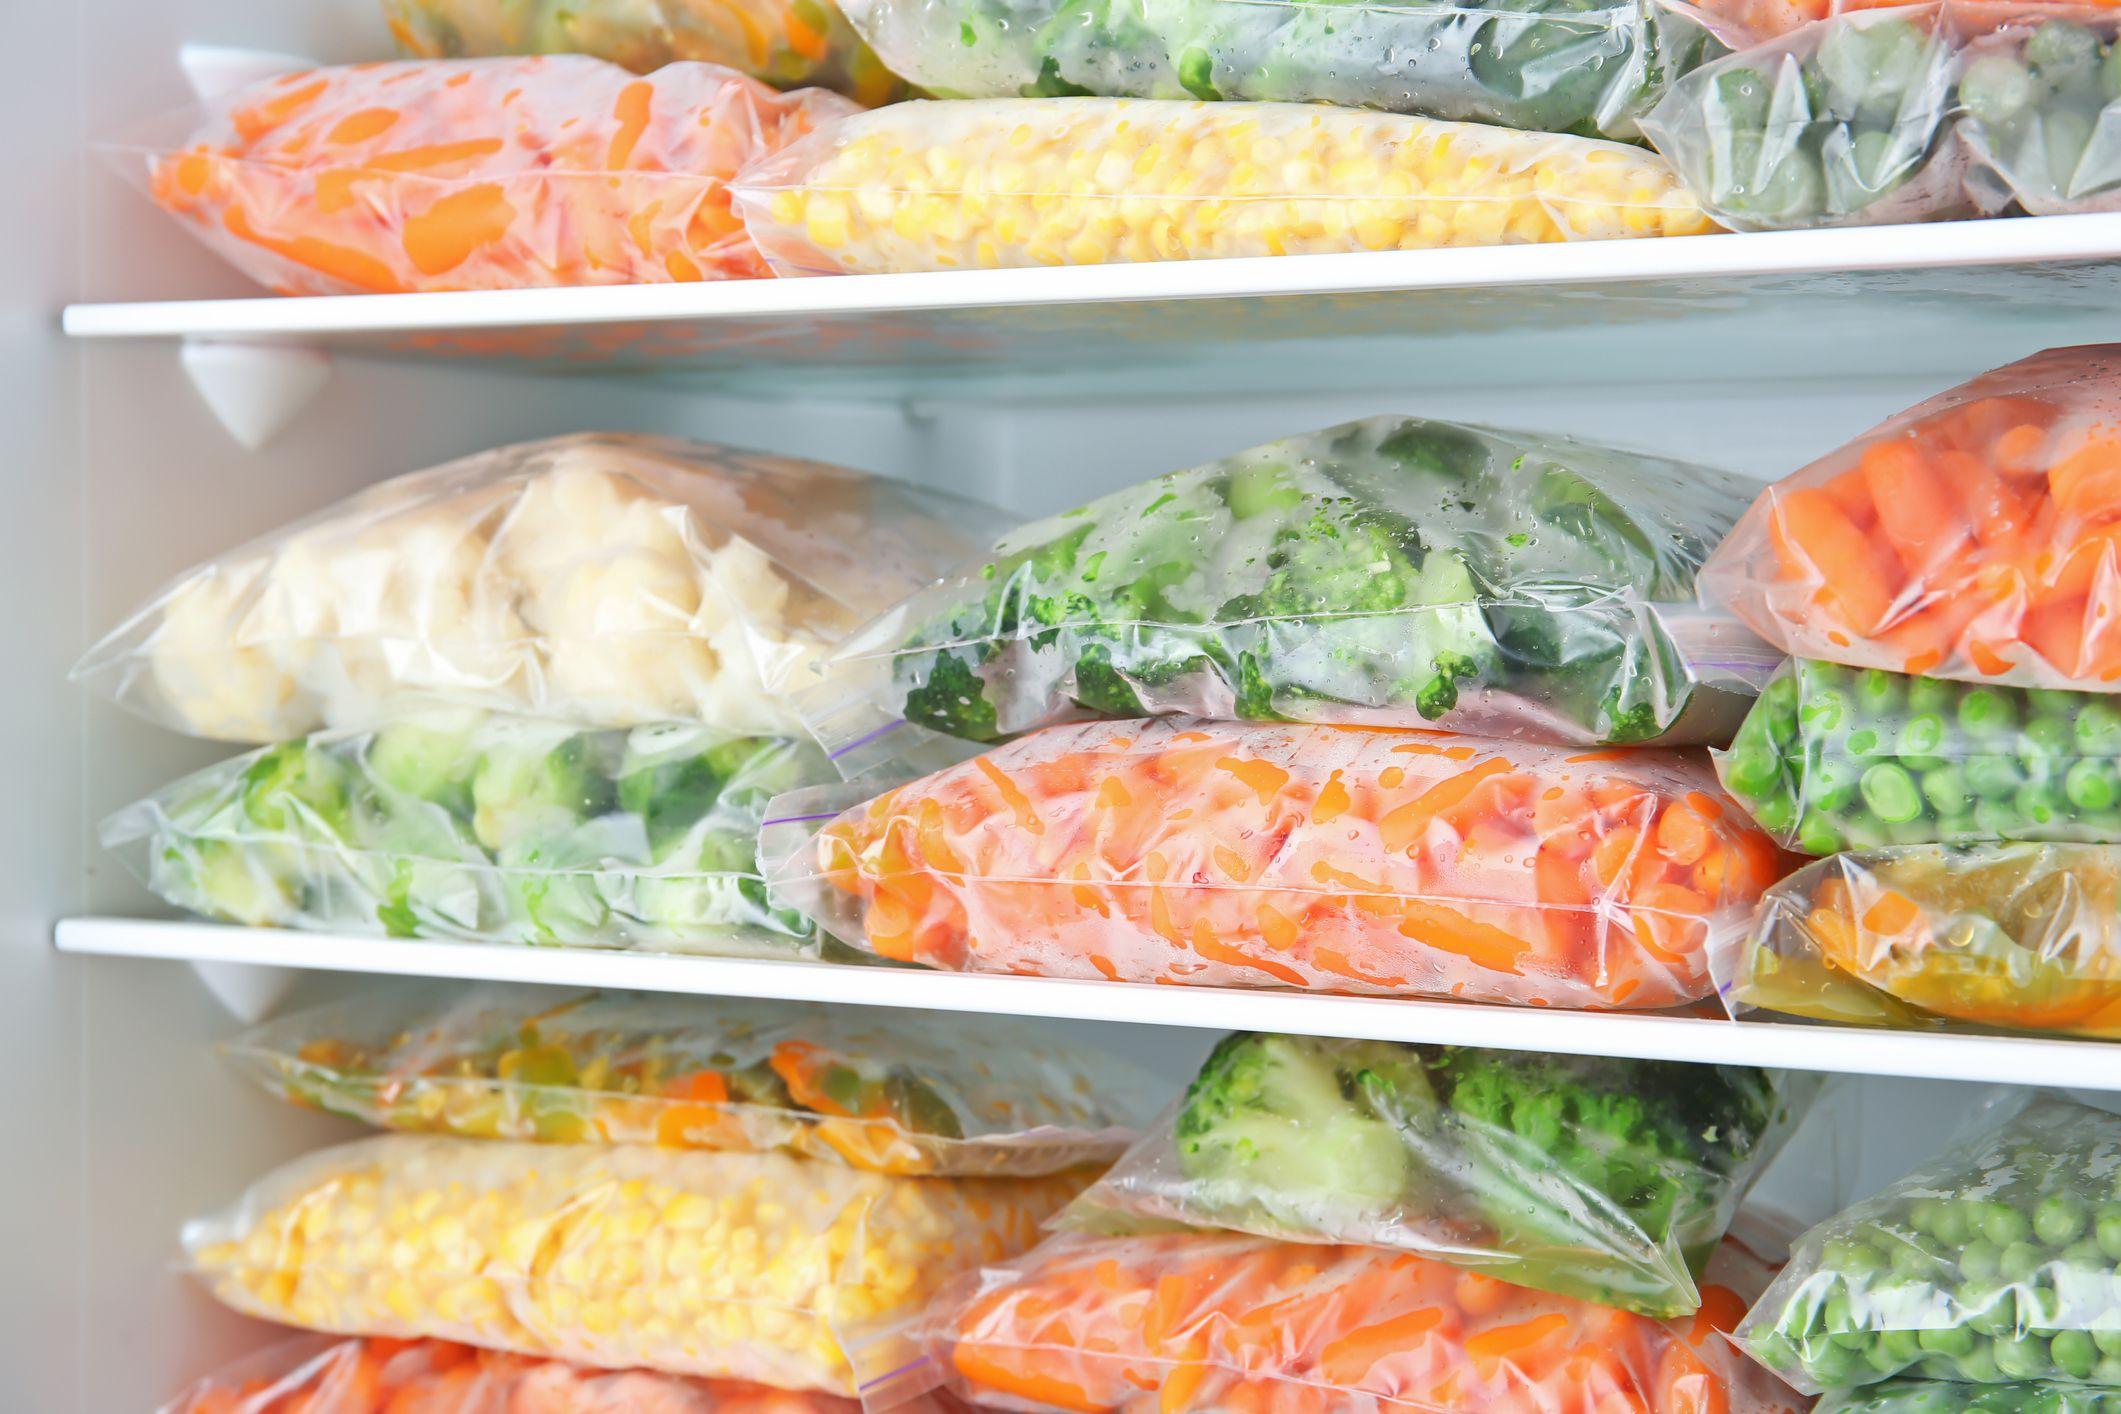 A importância dos registros e da coleta de amostras nos Serviços de Alimentação